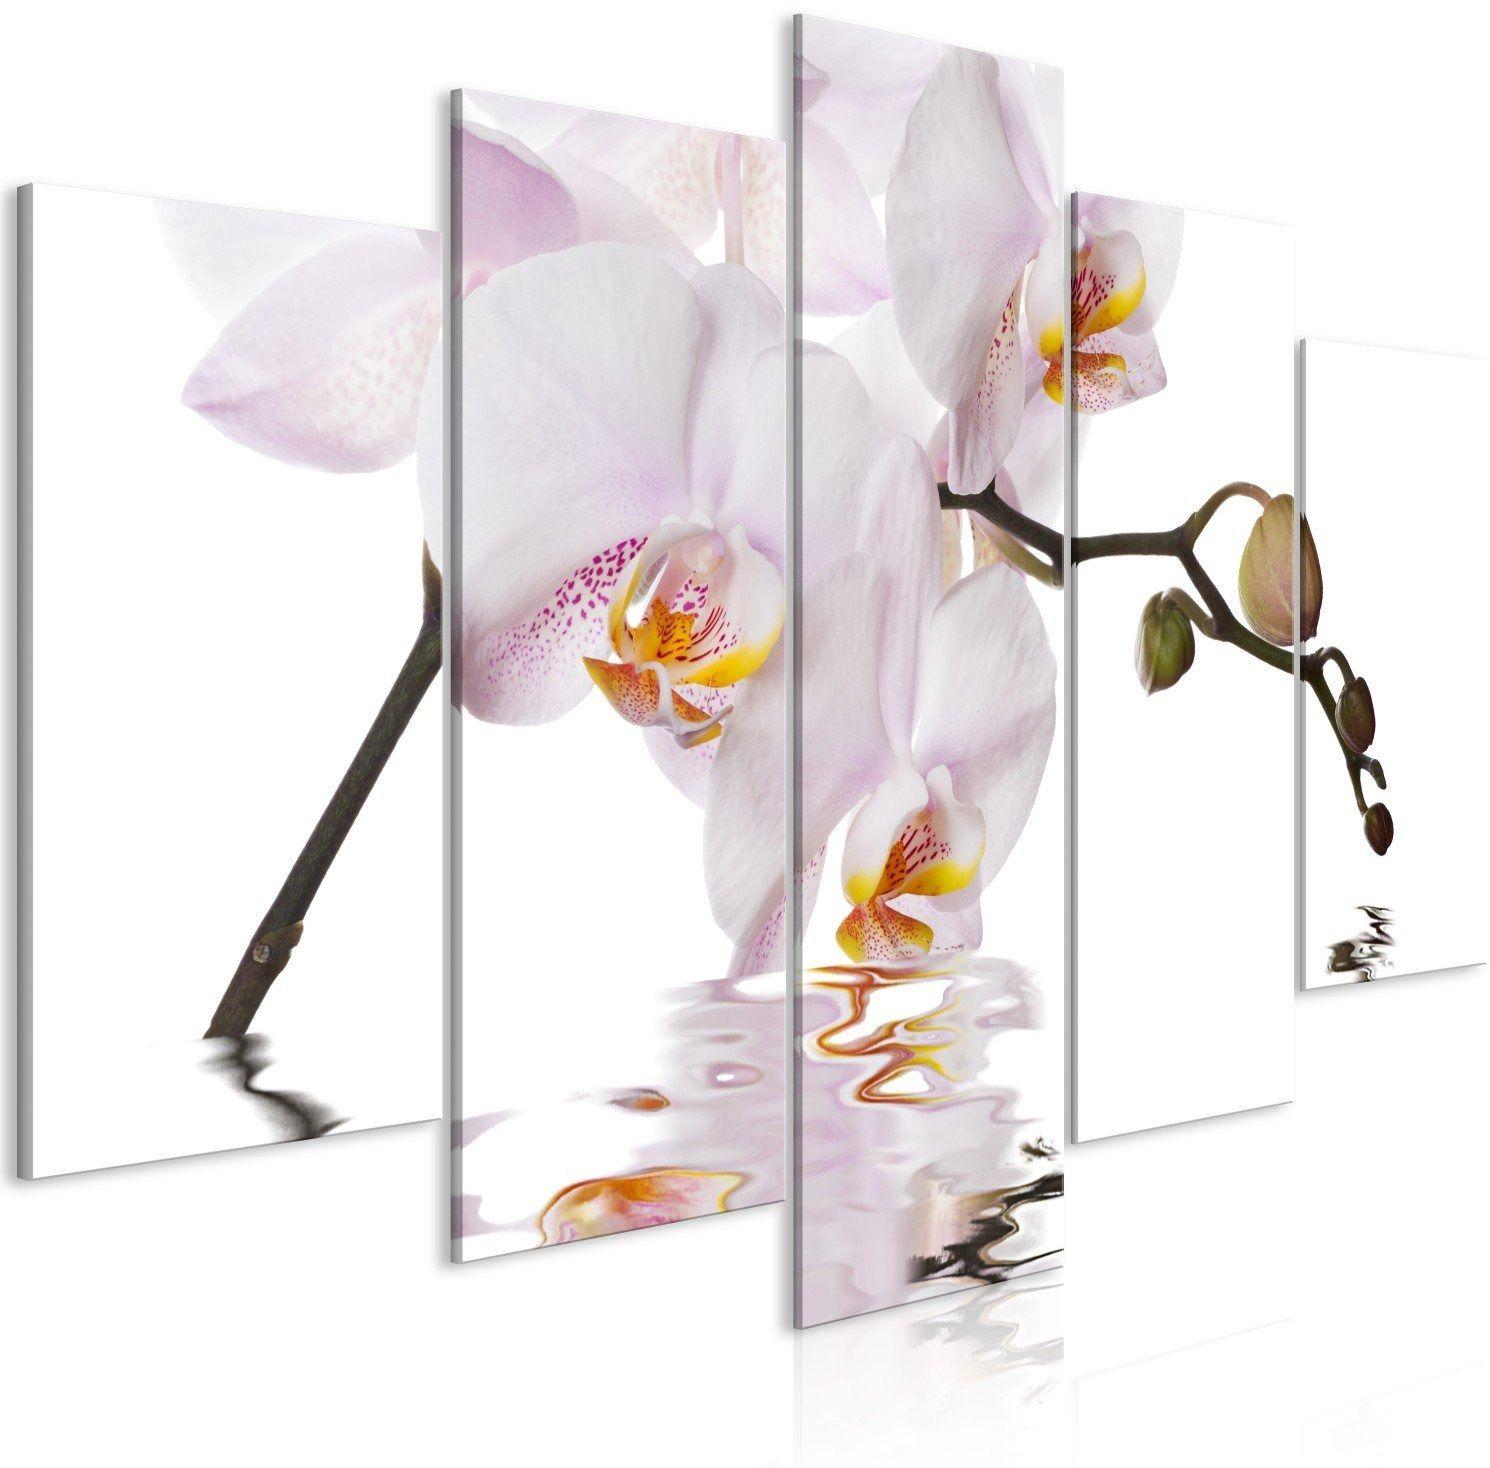 Obraz - zachwycająca orchidea (5-częściowy) szeroki